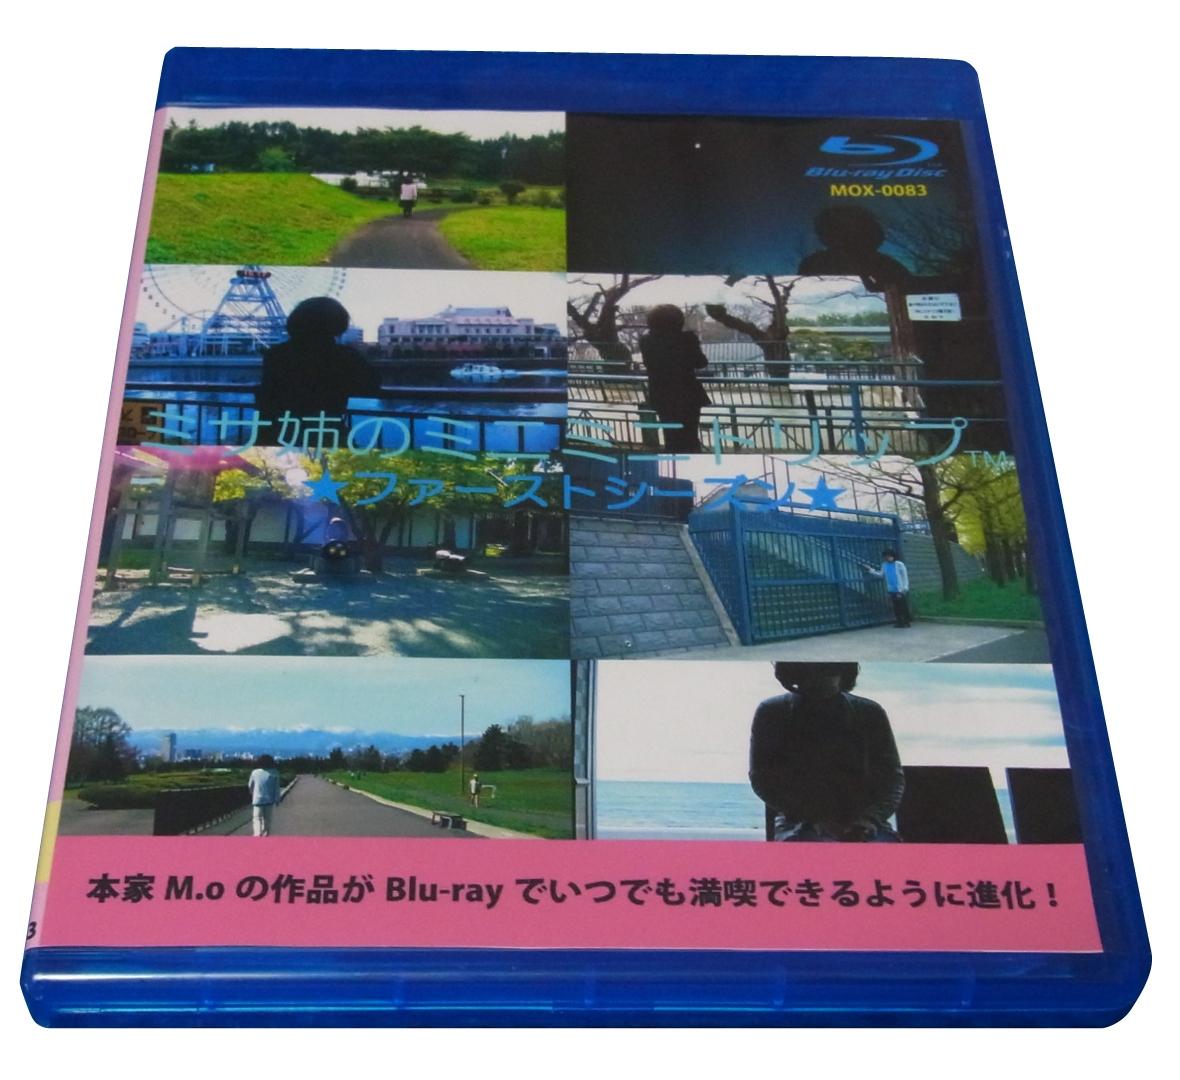 田辺博士の助手である「田中美沙」が主役の本家M.o初のオリジナルドラマが遂にブルーレイ化。<br>日本全国各地を彼女が巡っていきます。<br>特典映像として関連作品を収録!<br>その他、封入特典としてオンラインサービス「本家M.o お楽しみコード交換所」で使用できるお楽しみコードも収録。<br>旅行好き必見の作品になっております。